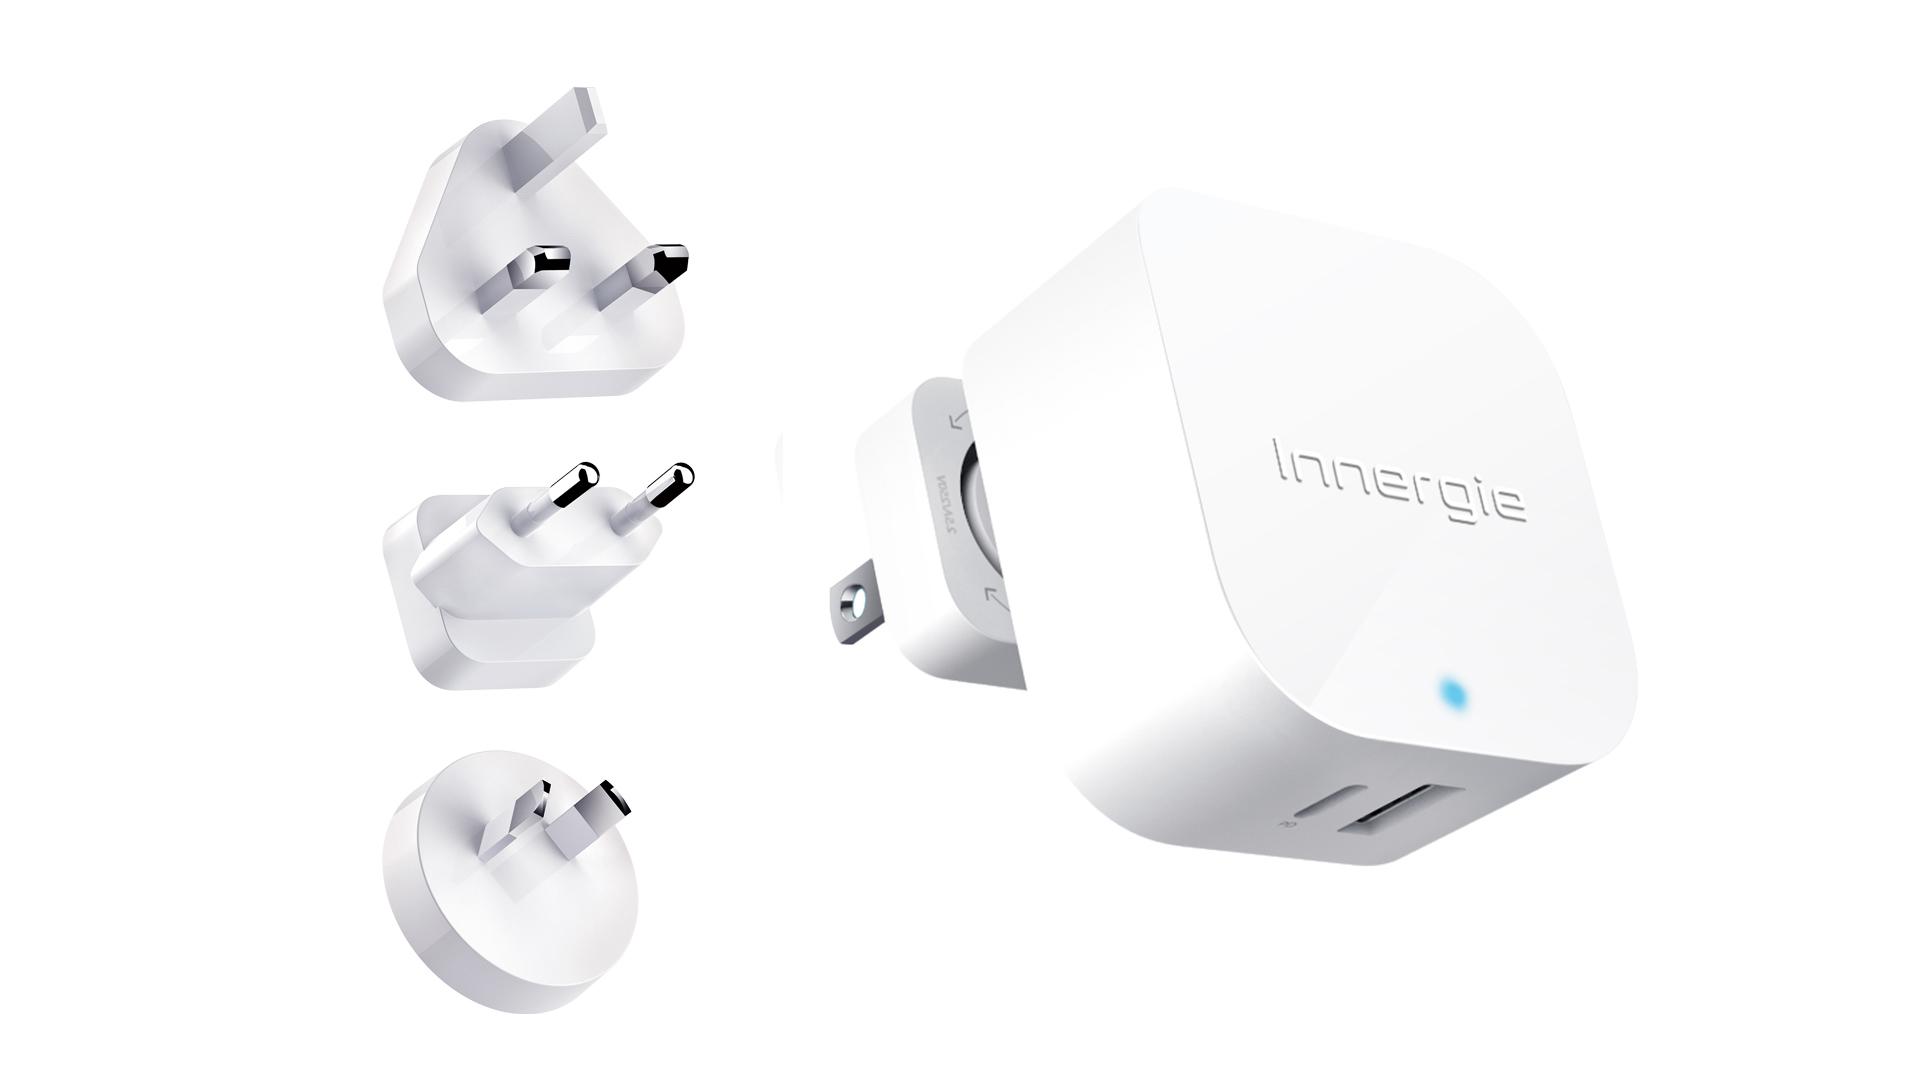 45H USB-C旅行萬用充電器 / 台達電子工業股份有限公司